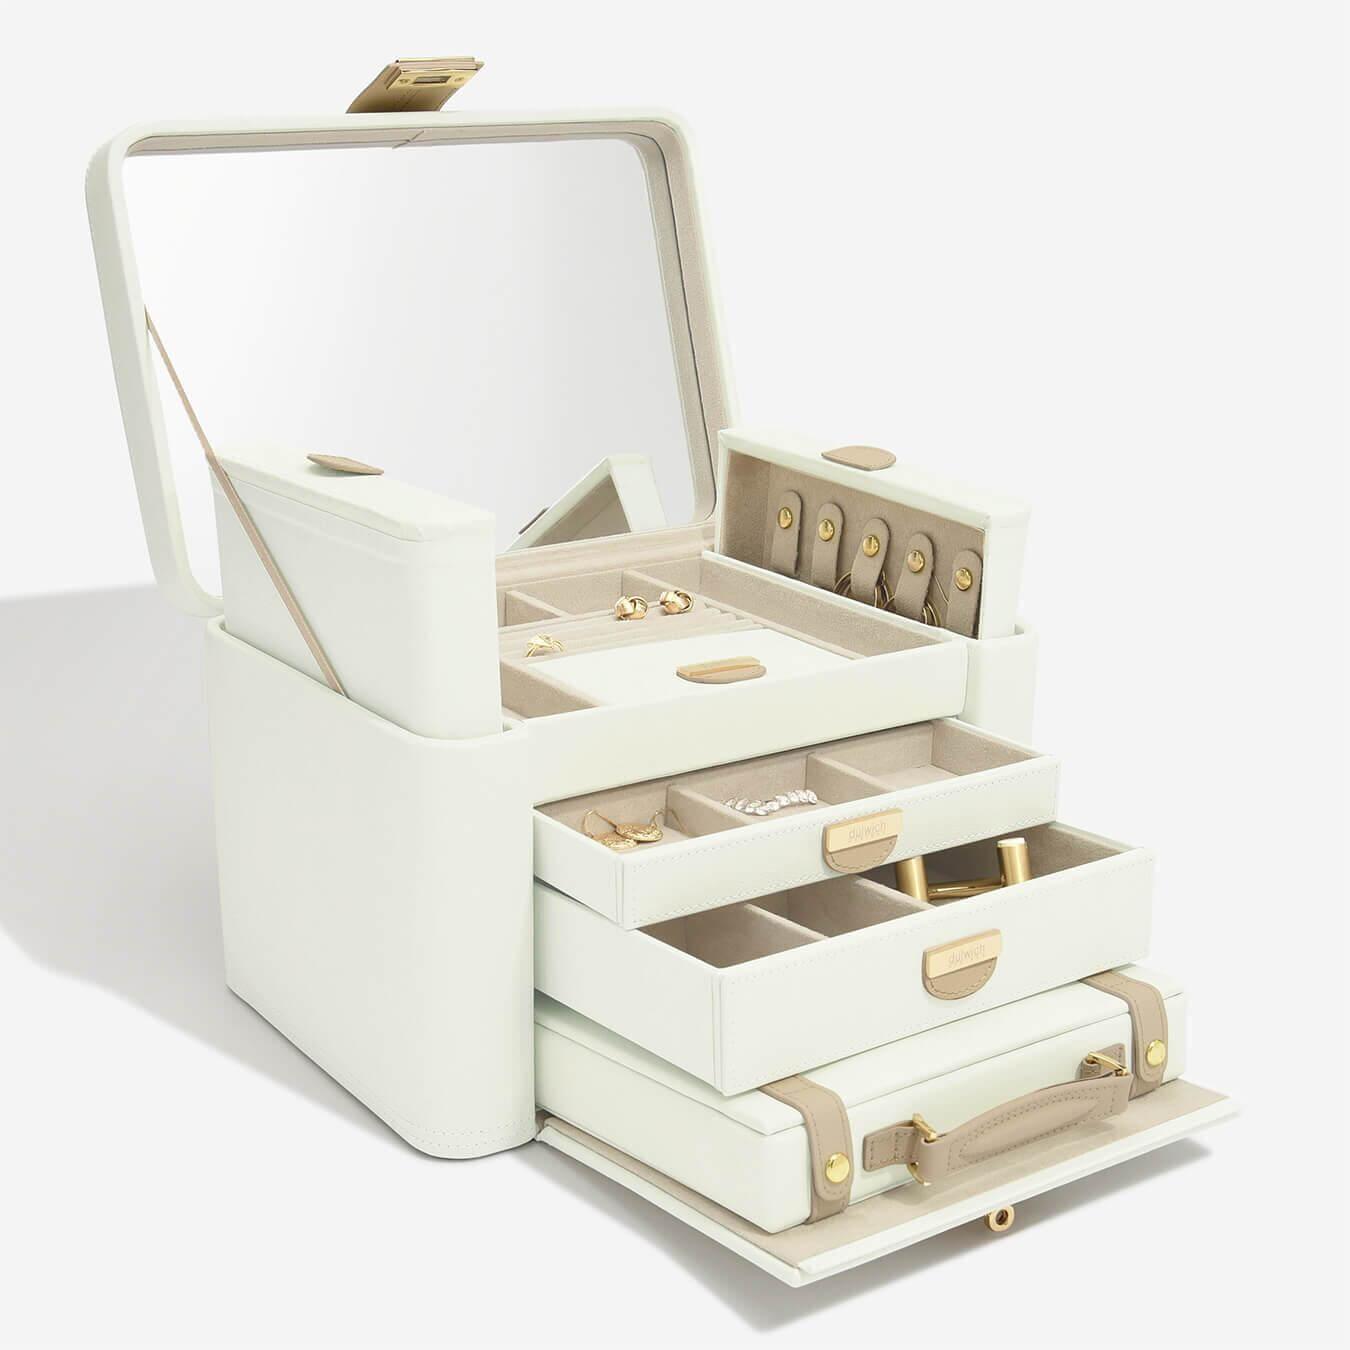 """קופסת תכשיטים אקסטרה לארג'  """"ויקטוריה"""" עם מזוודה לנסיעות"""